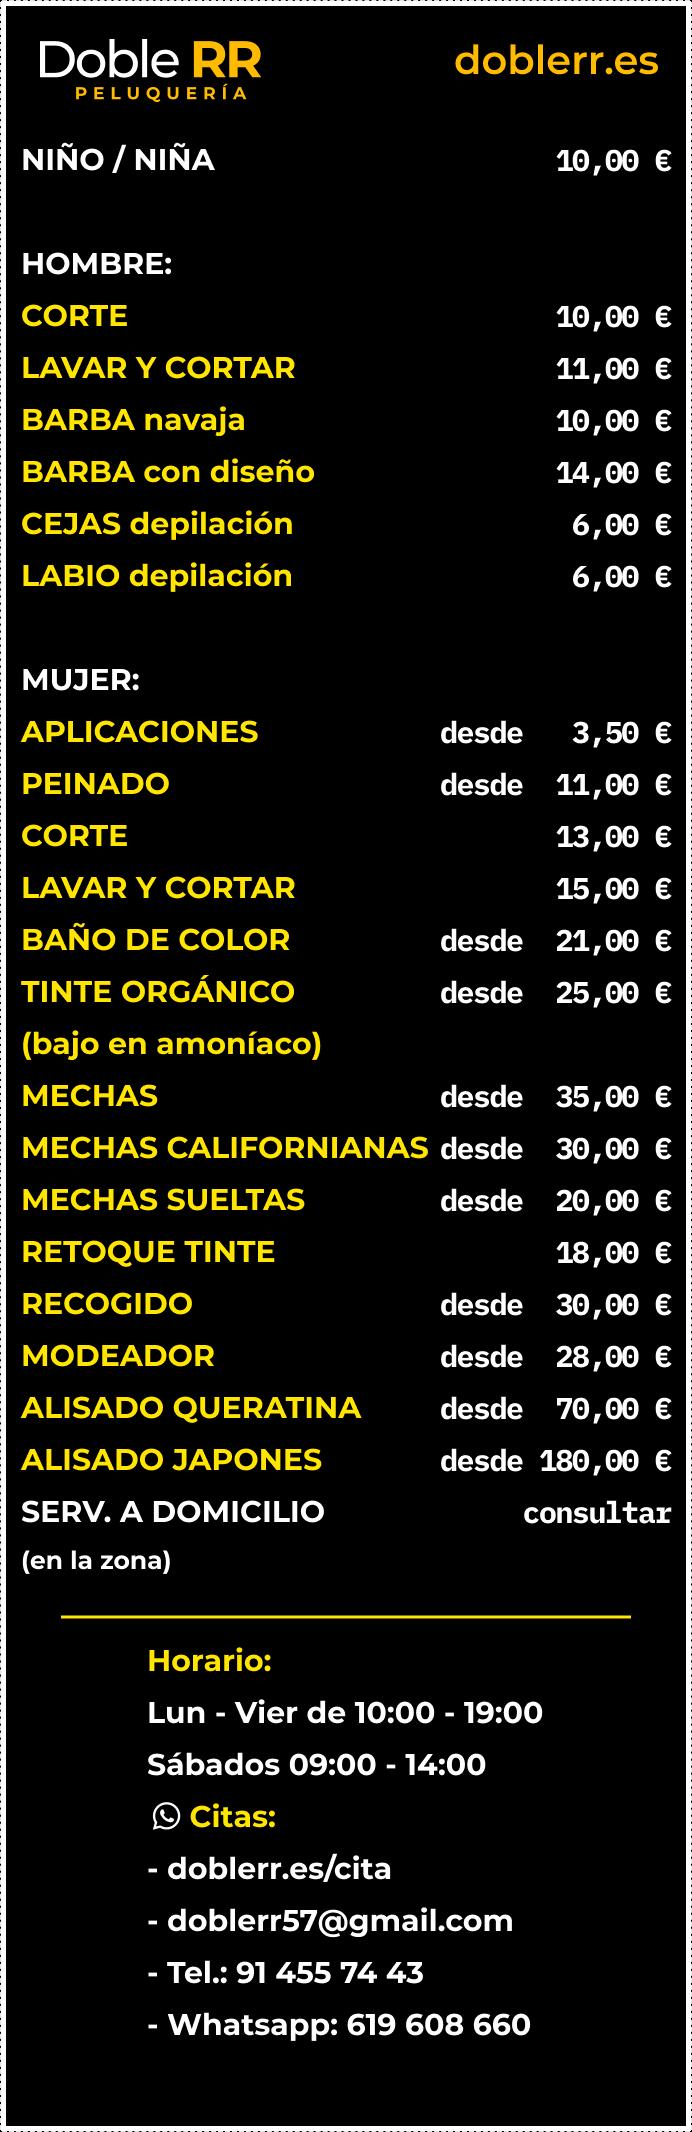 Figma cartel de precios doblerr.es